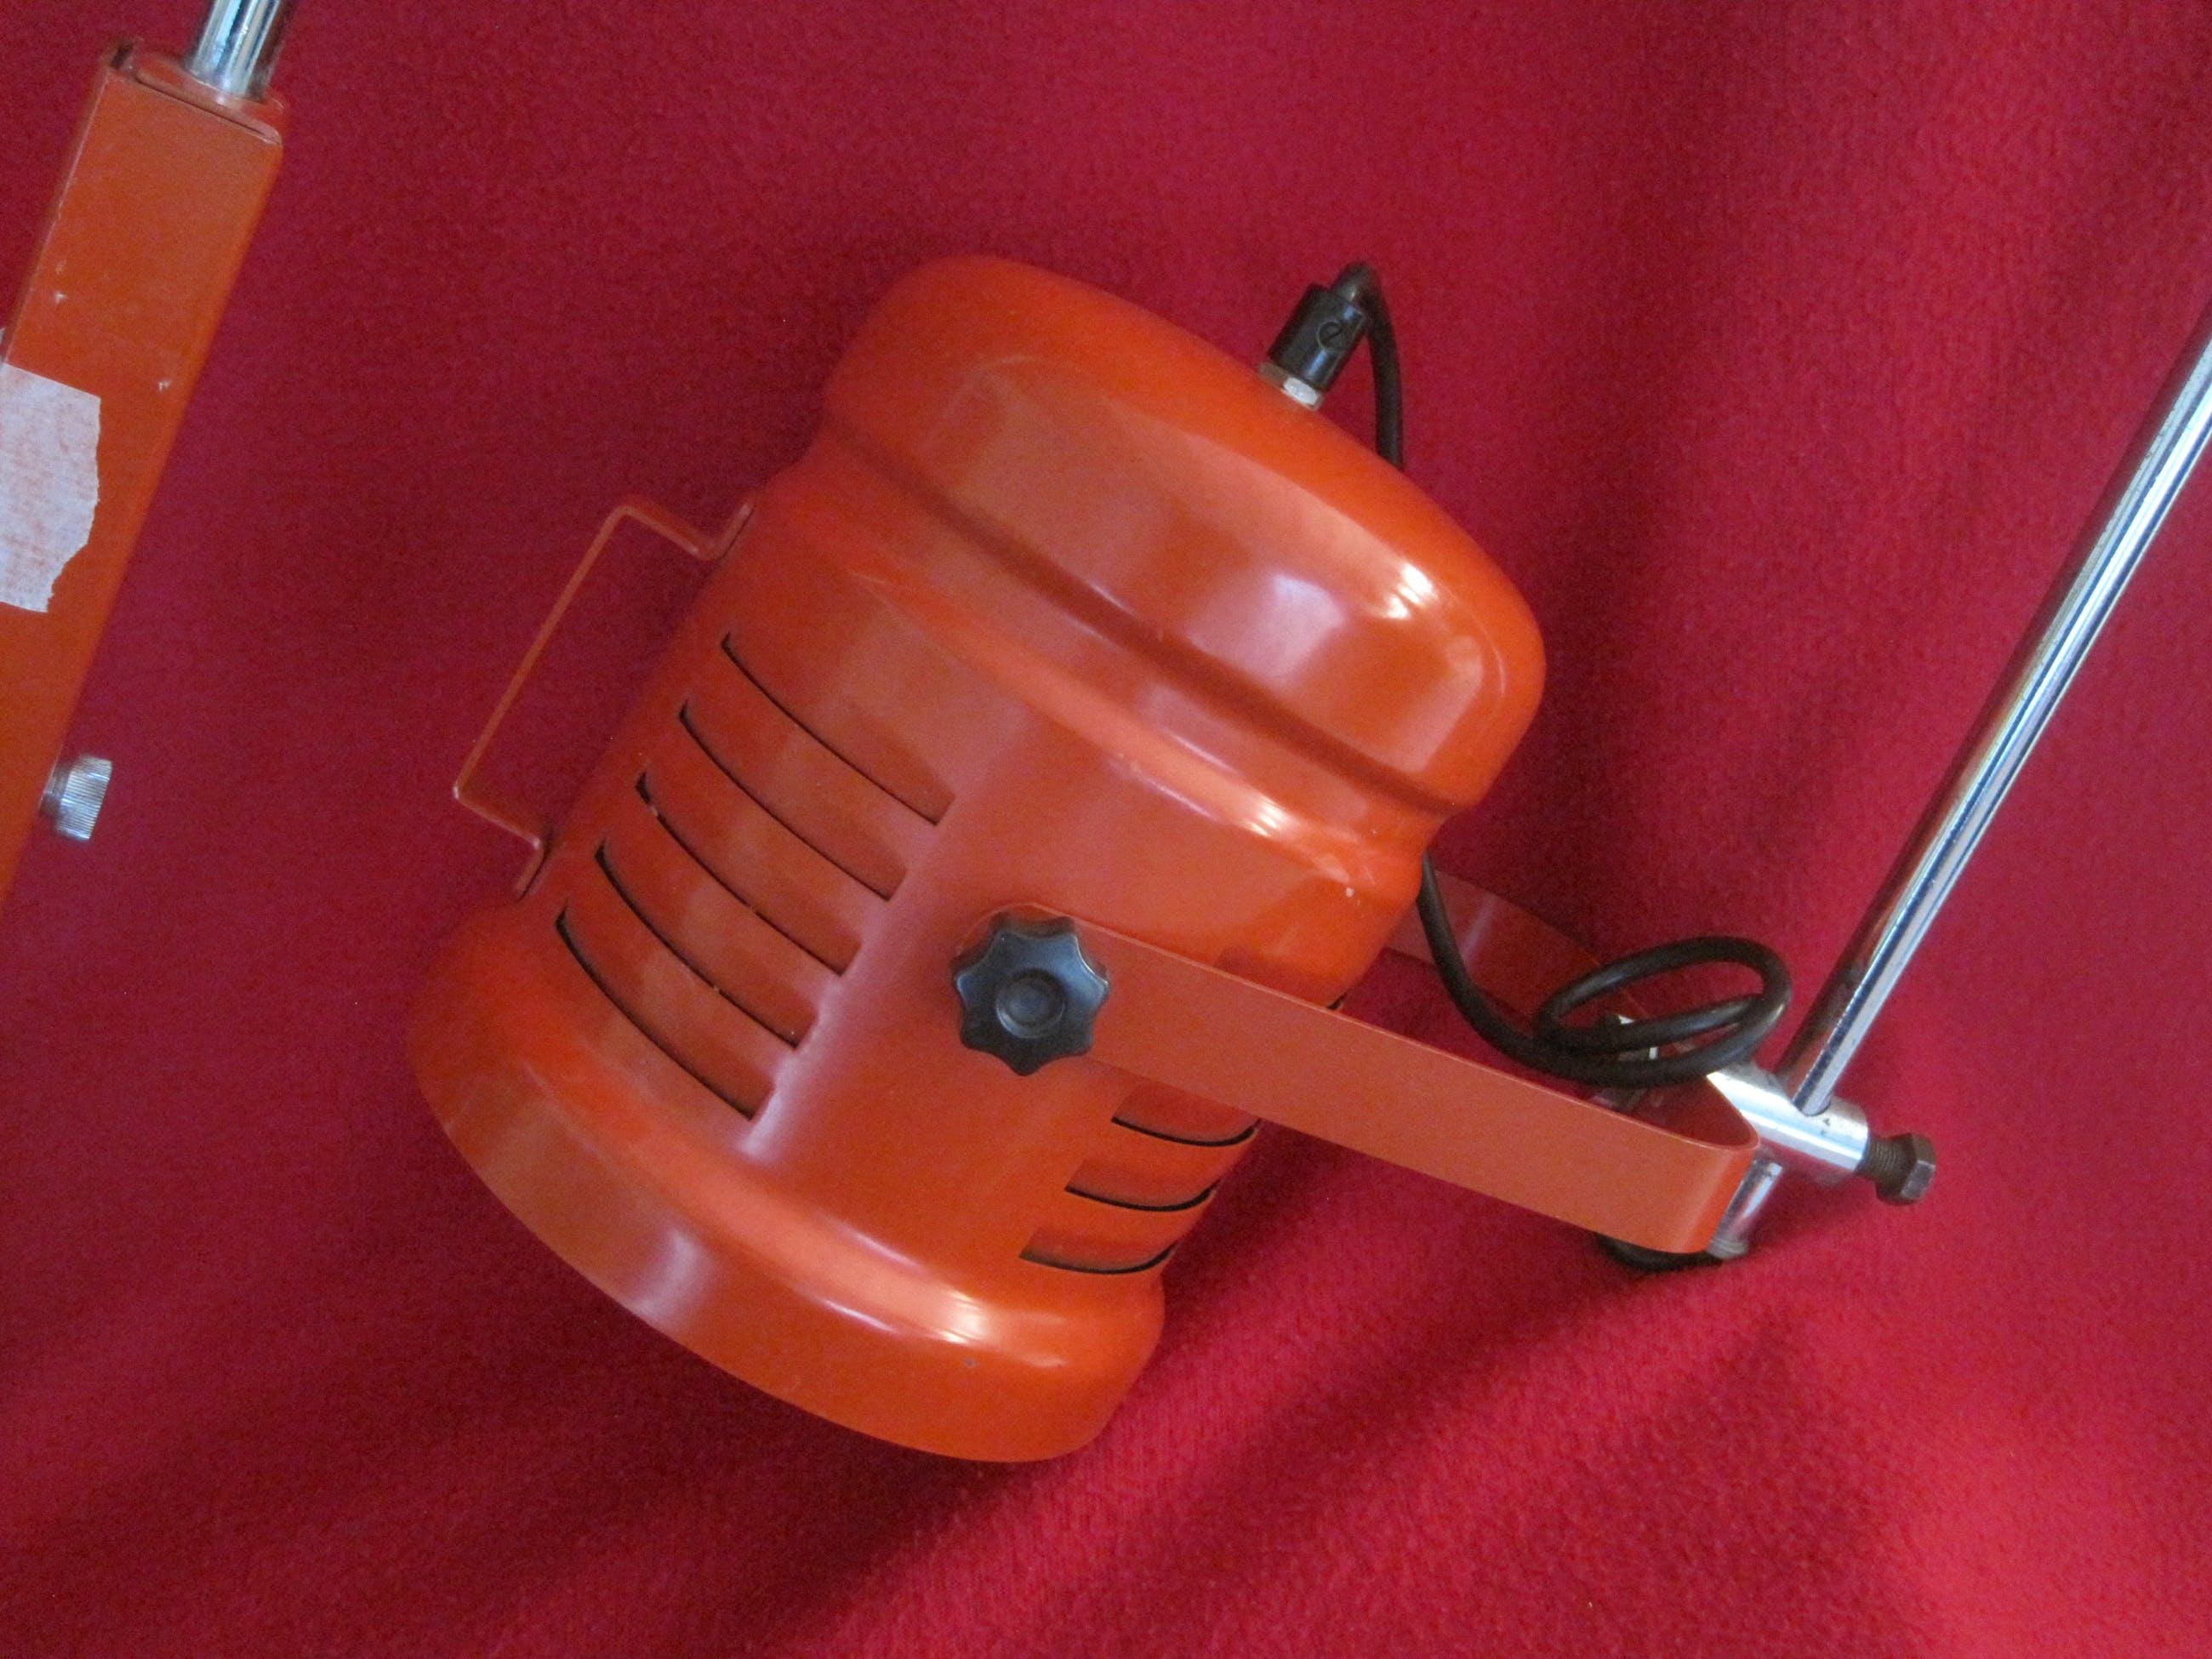 Boog wandlamp uit de jaren 1970 kopen? Bied vanaf 75!